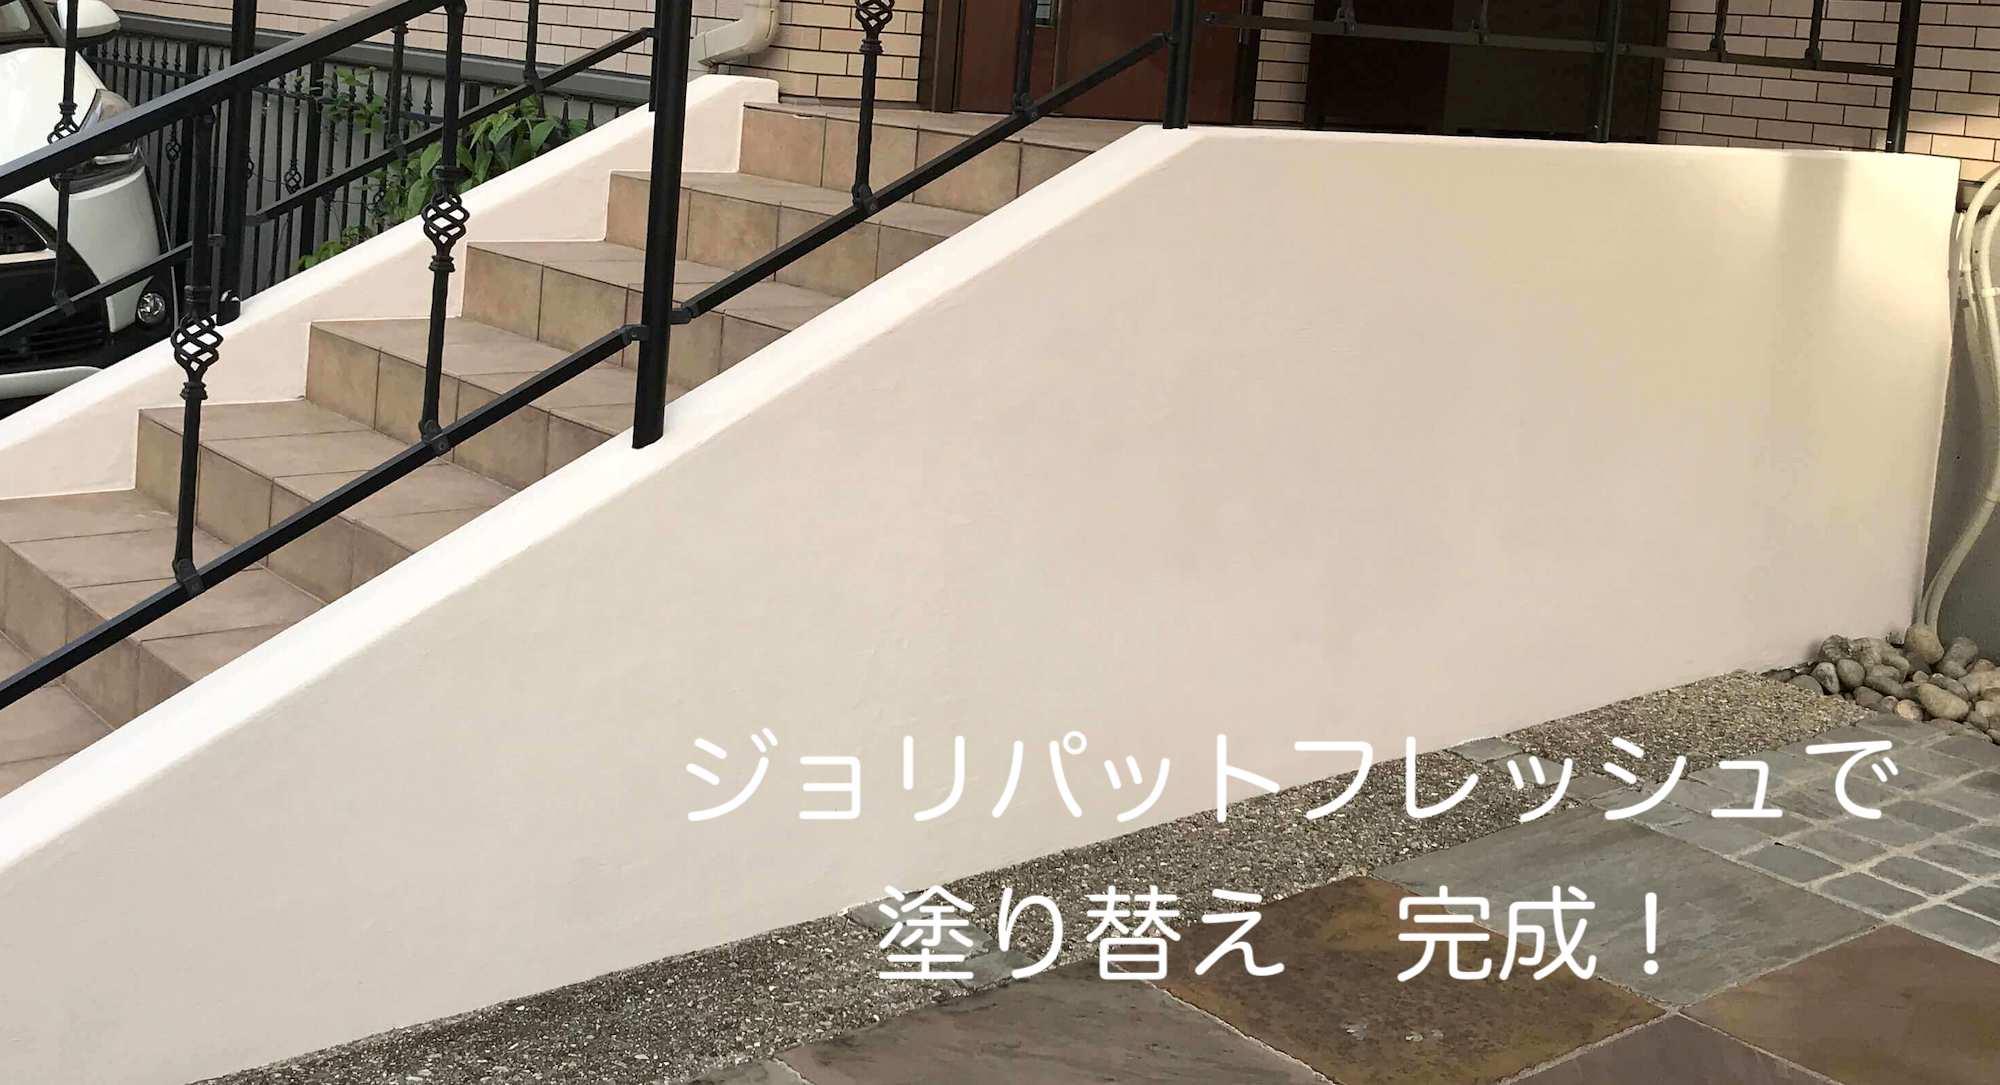 ジョリパットフレッシュ 外構の塗り替え DIY